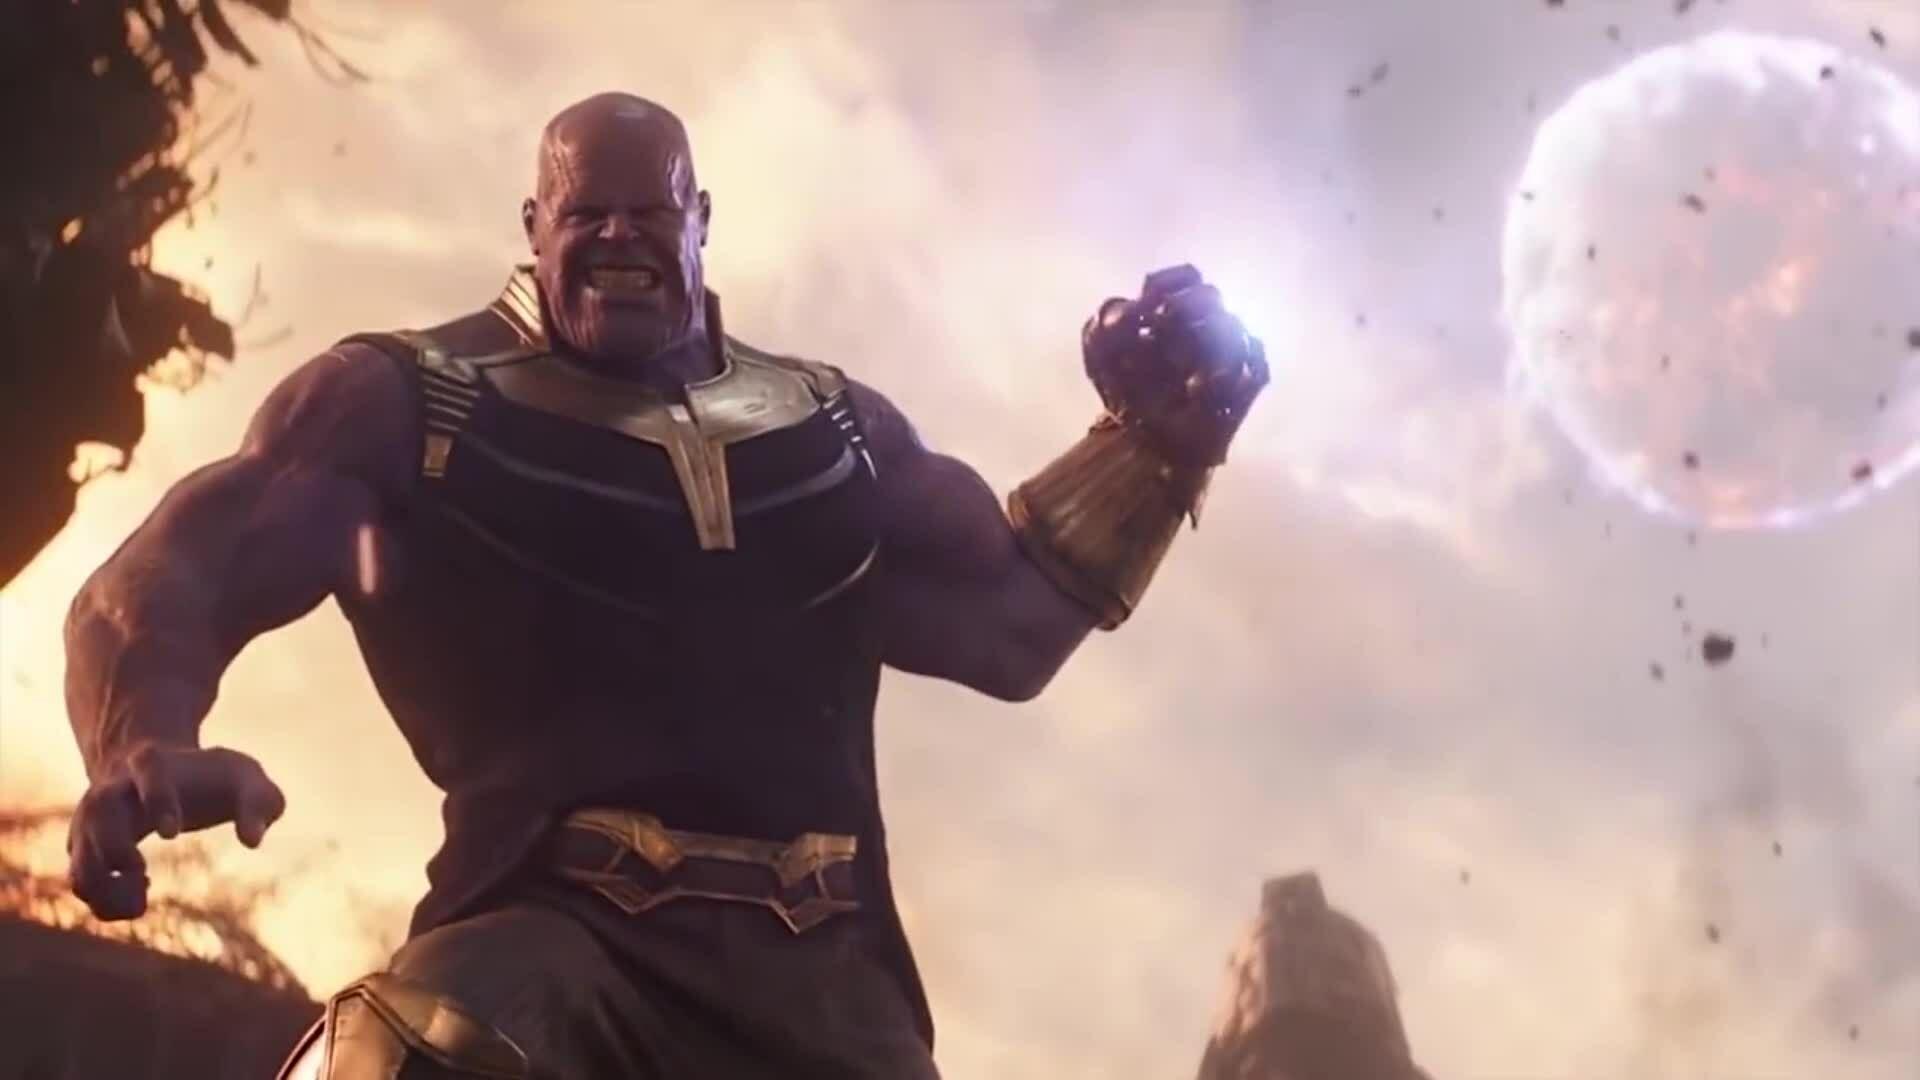 Thanos đấu dàn người hùng trên hành tinh Titan trong Avengers: Infinty War (2018)